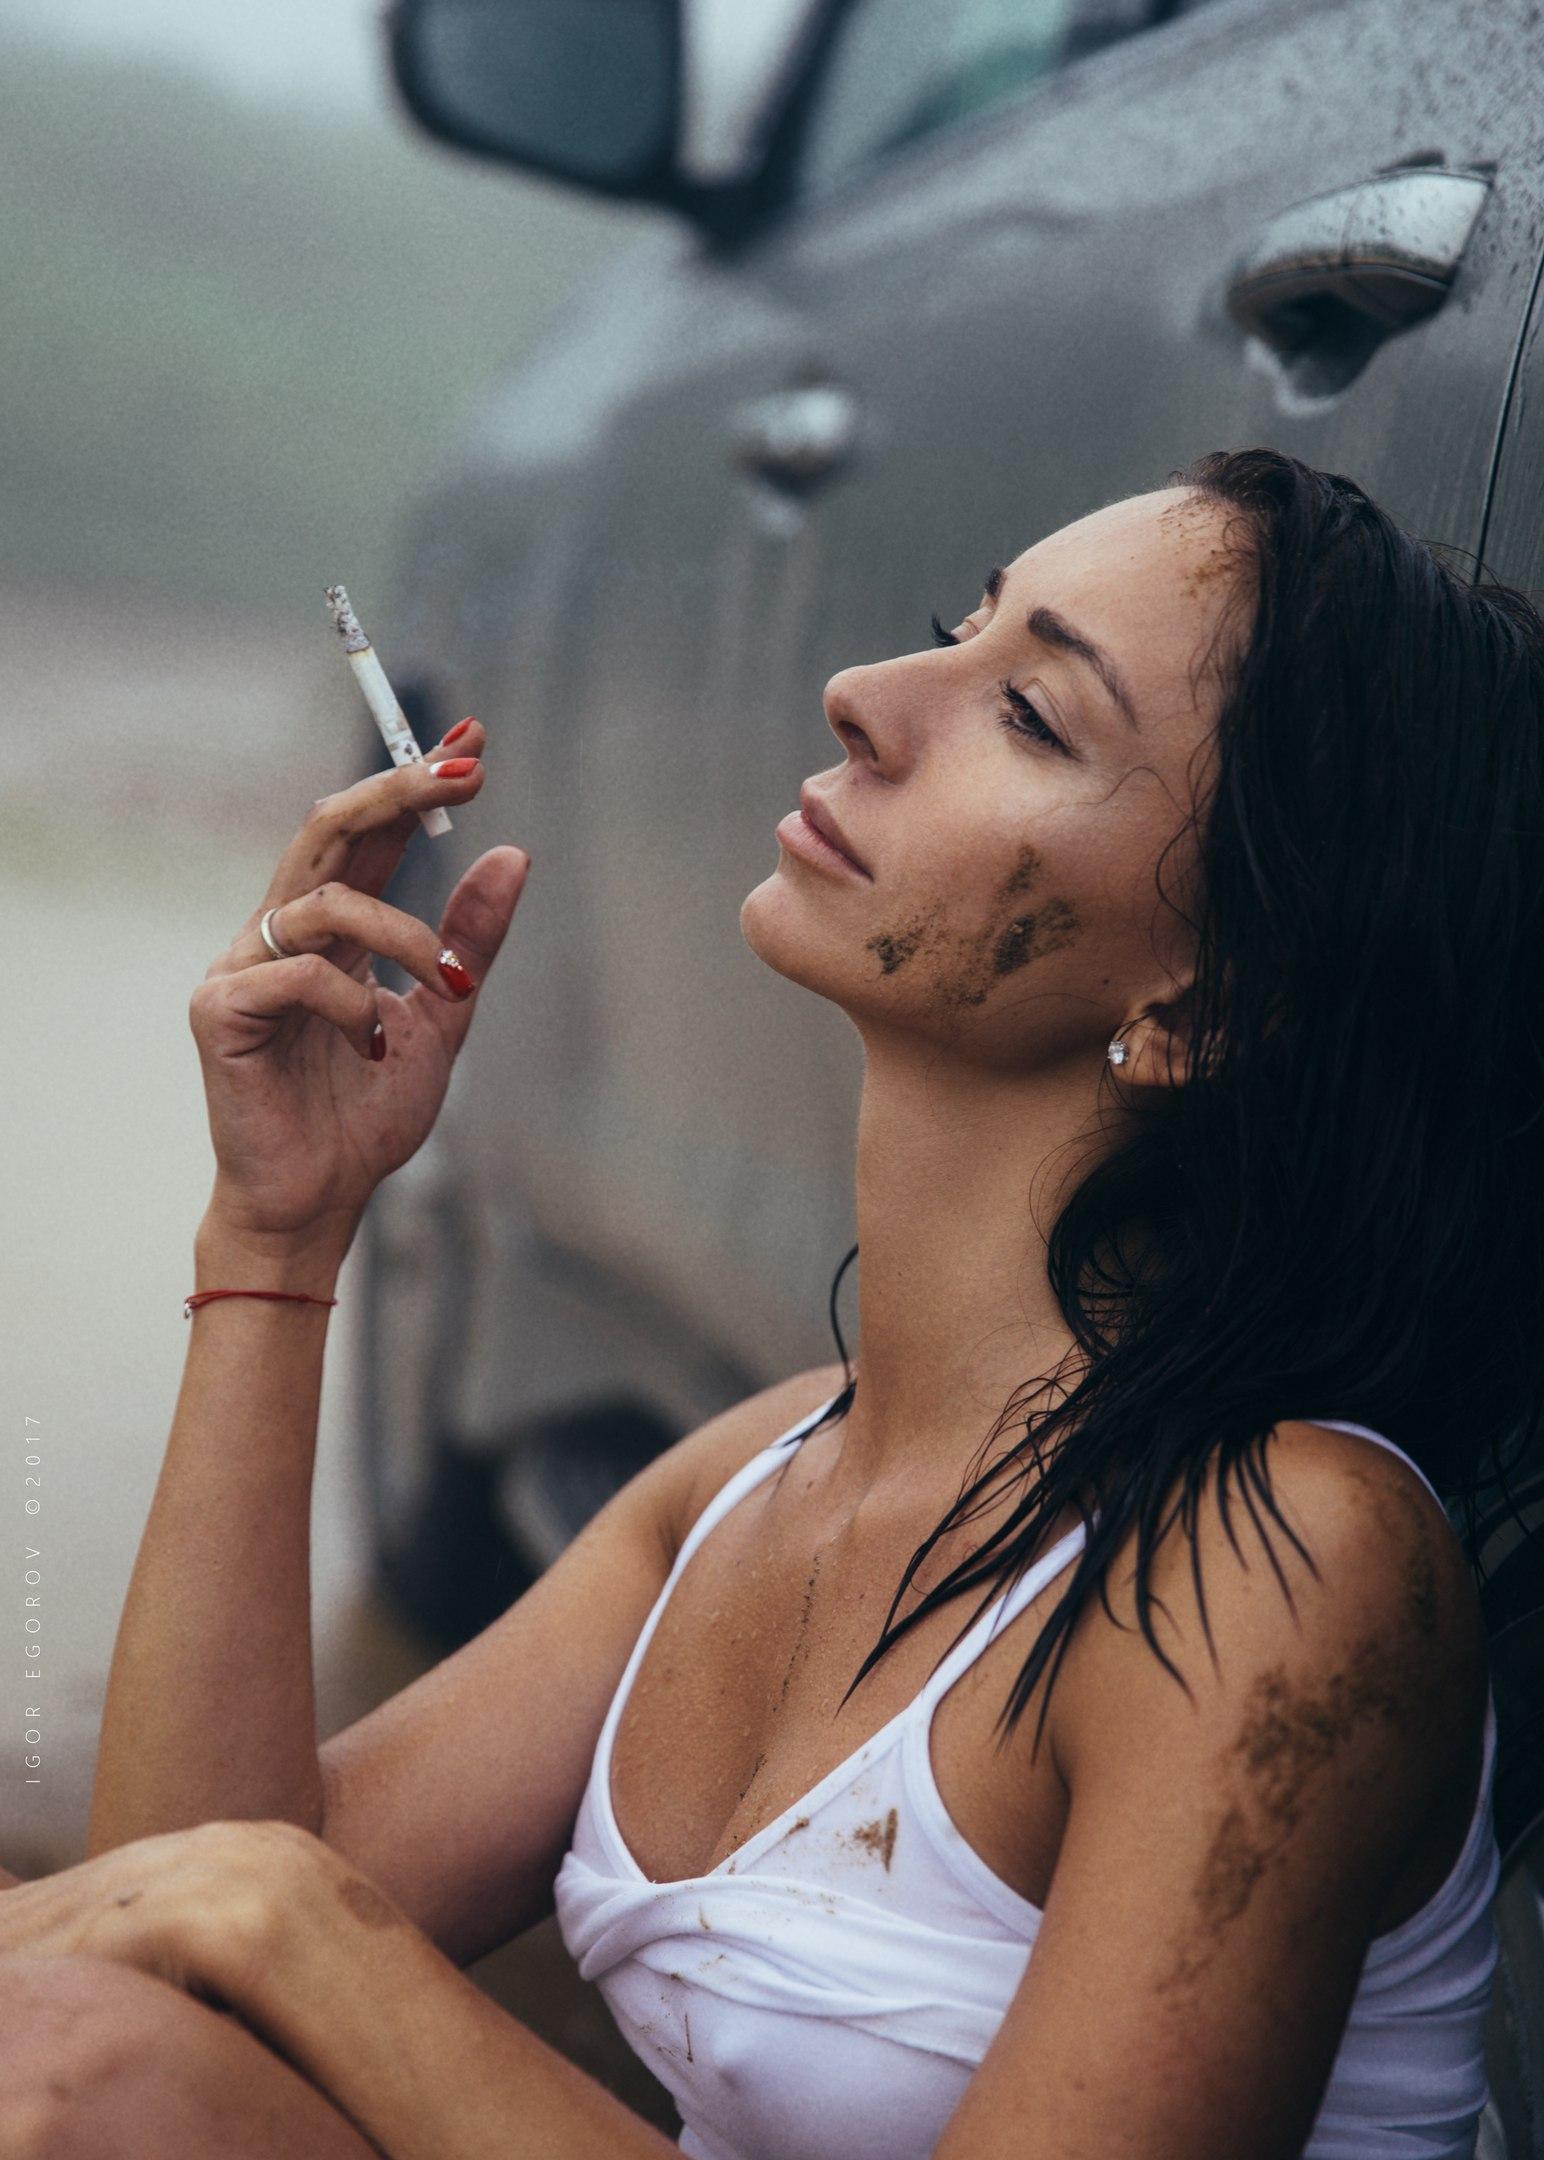 Фильмы женщины видео курящие девушки фотомодели